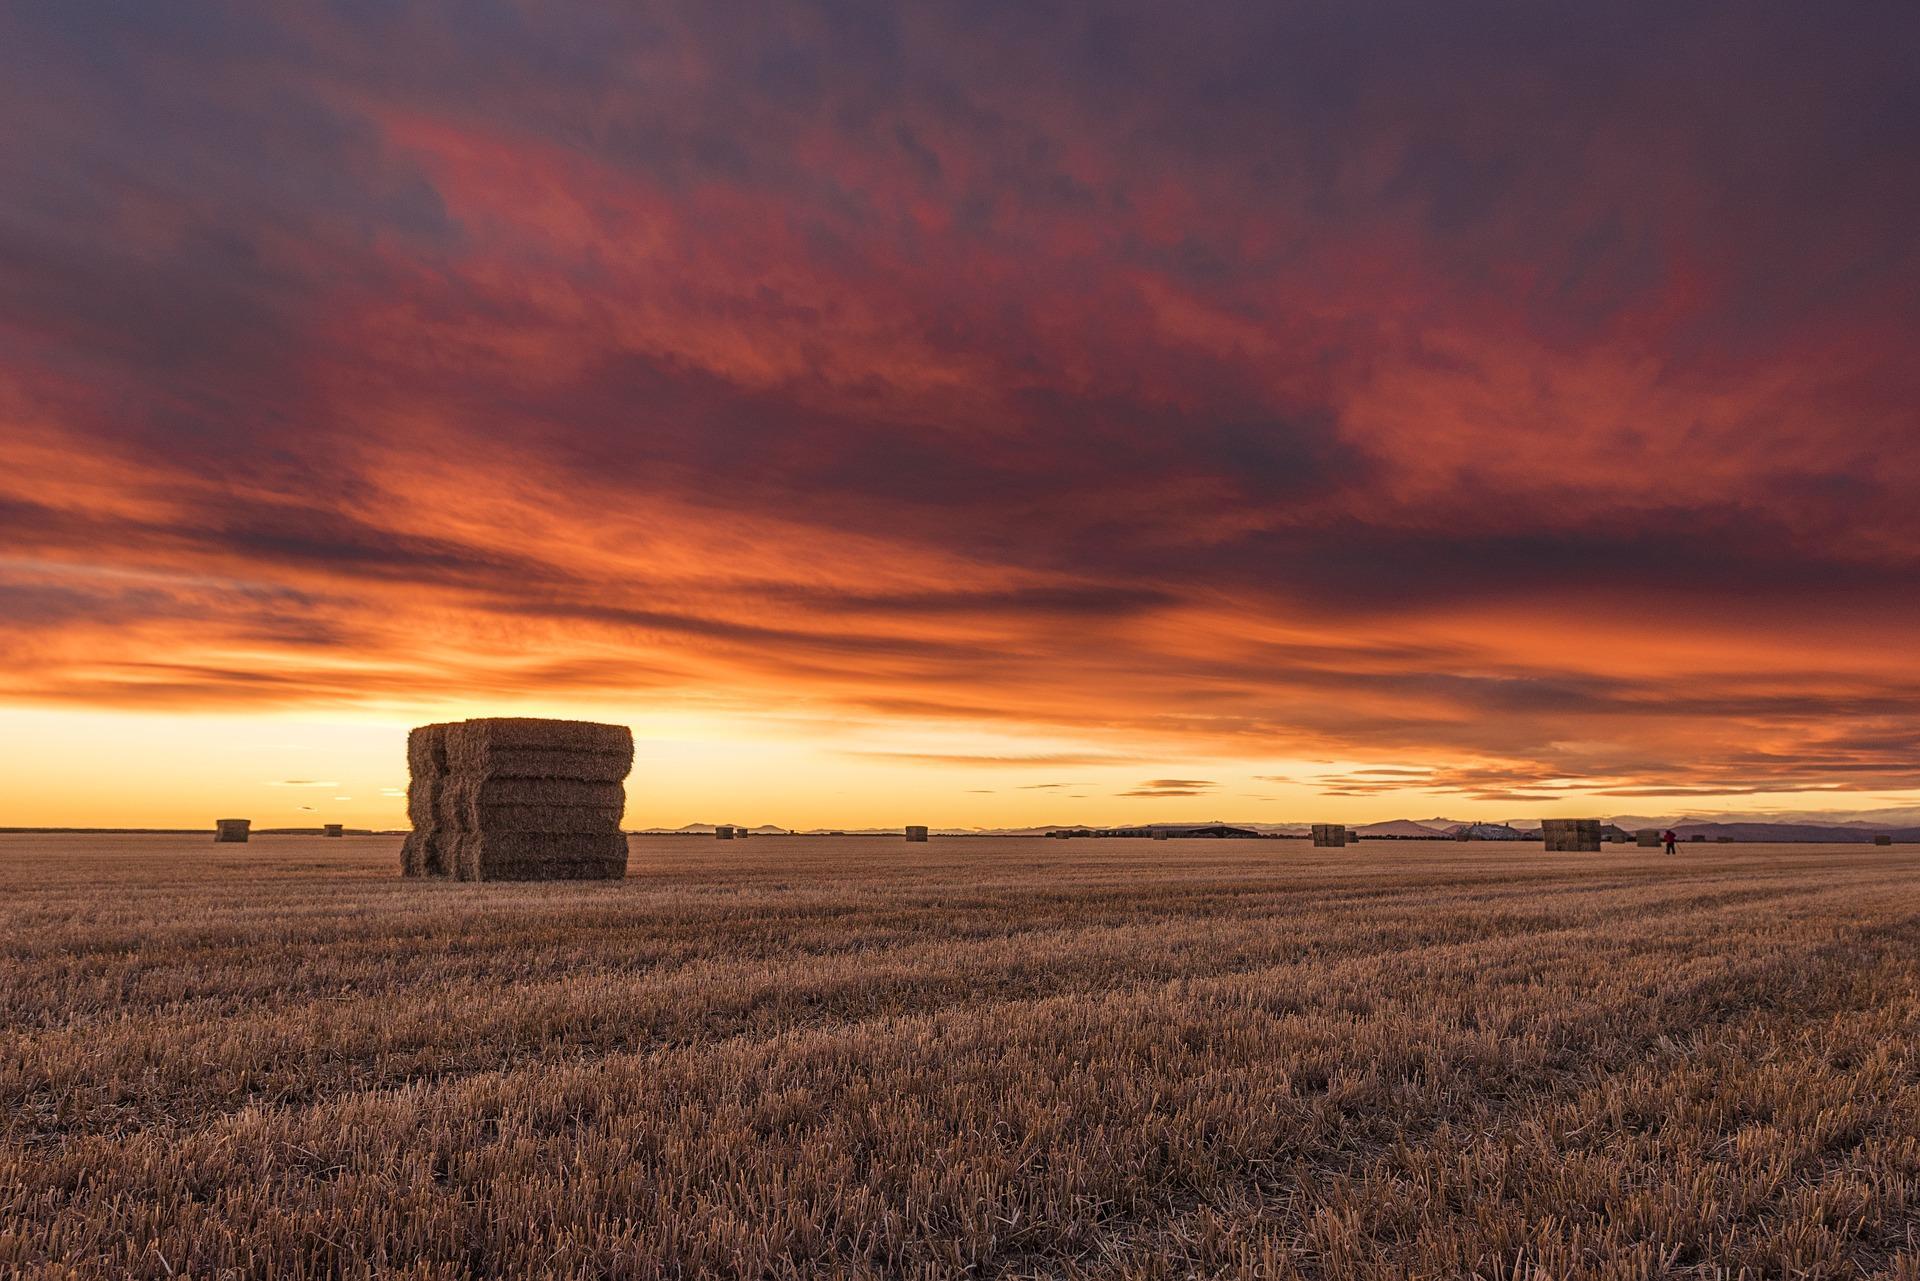 Nach dem Erbanfall veräußerte  landwirtschaftliche Grundstücke - und der Grundbesitzwert